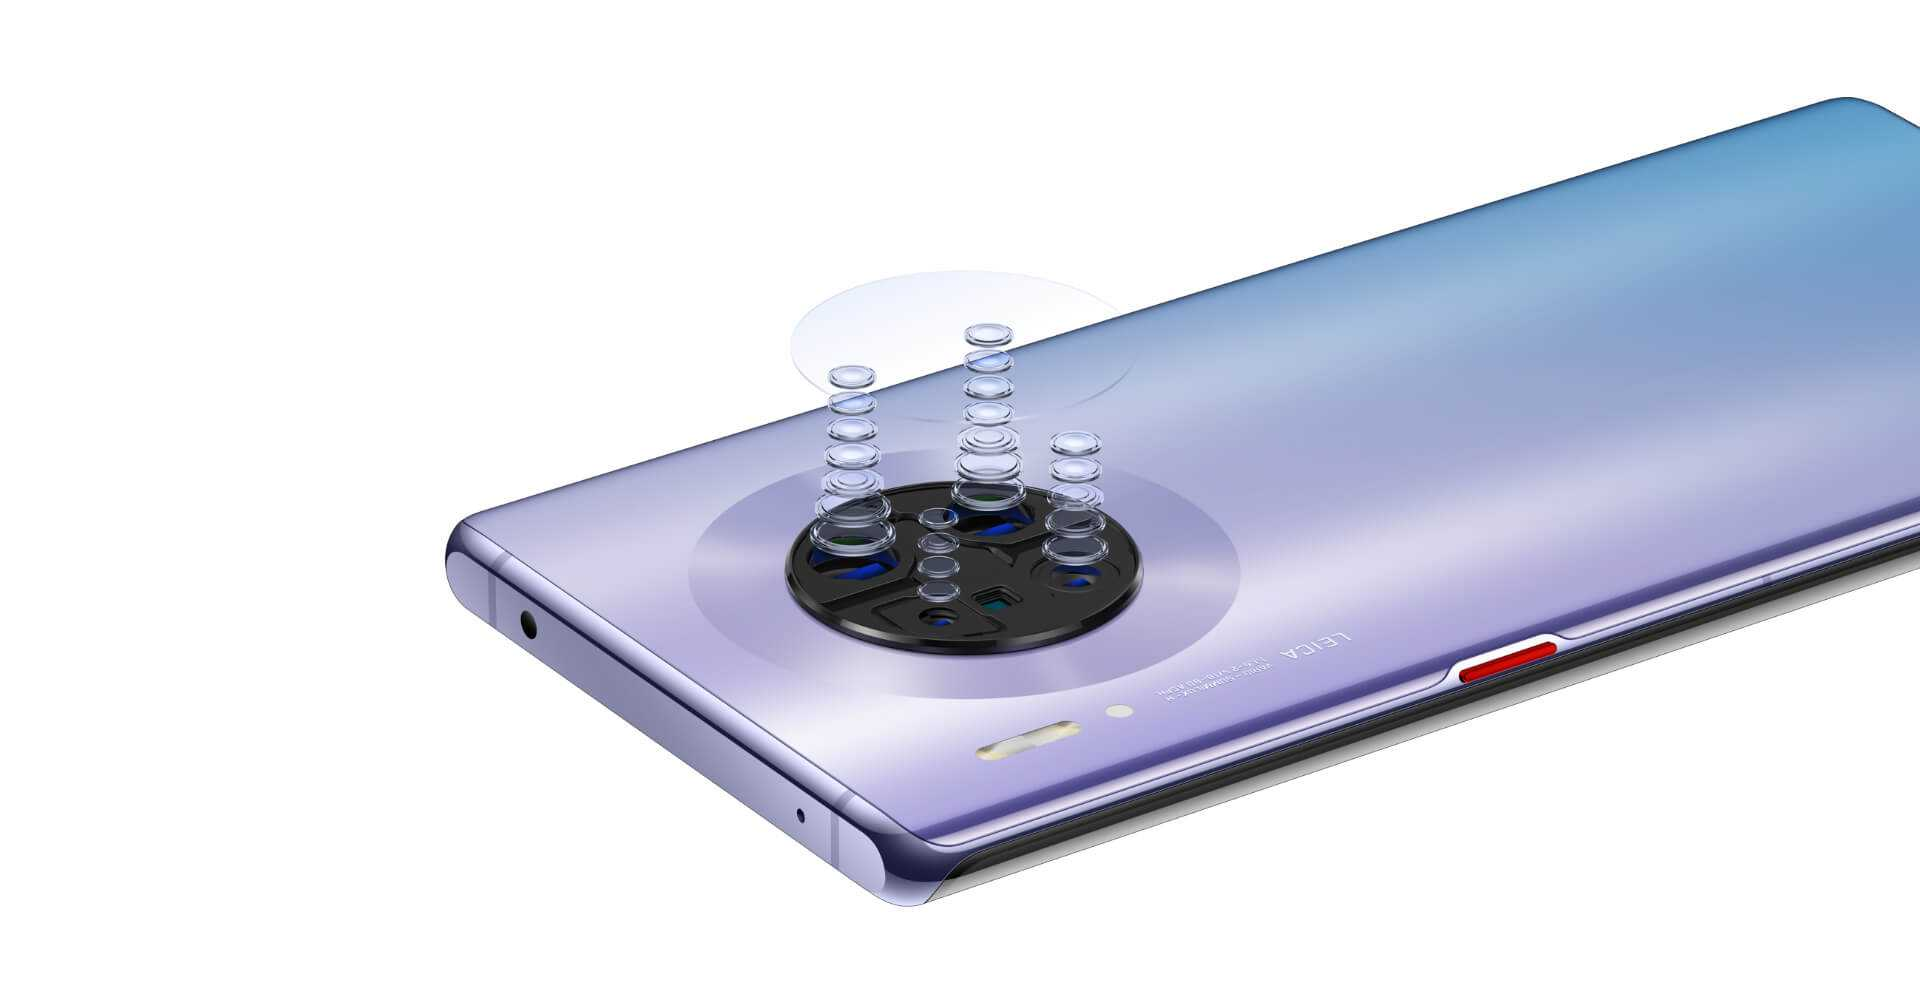 Huawei Mate 30 Pro 5G 8GB+256GB Version